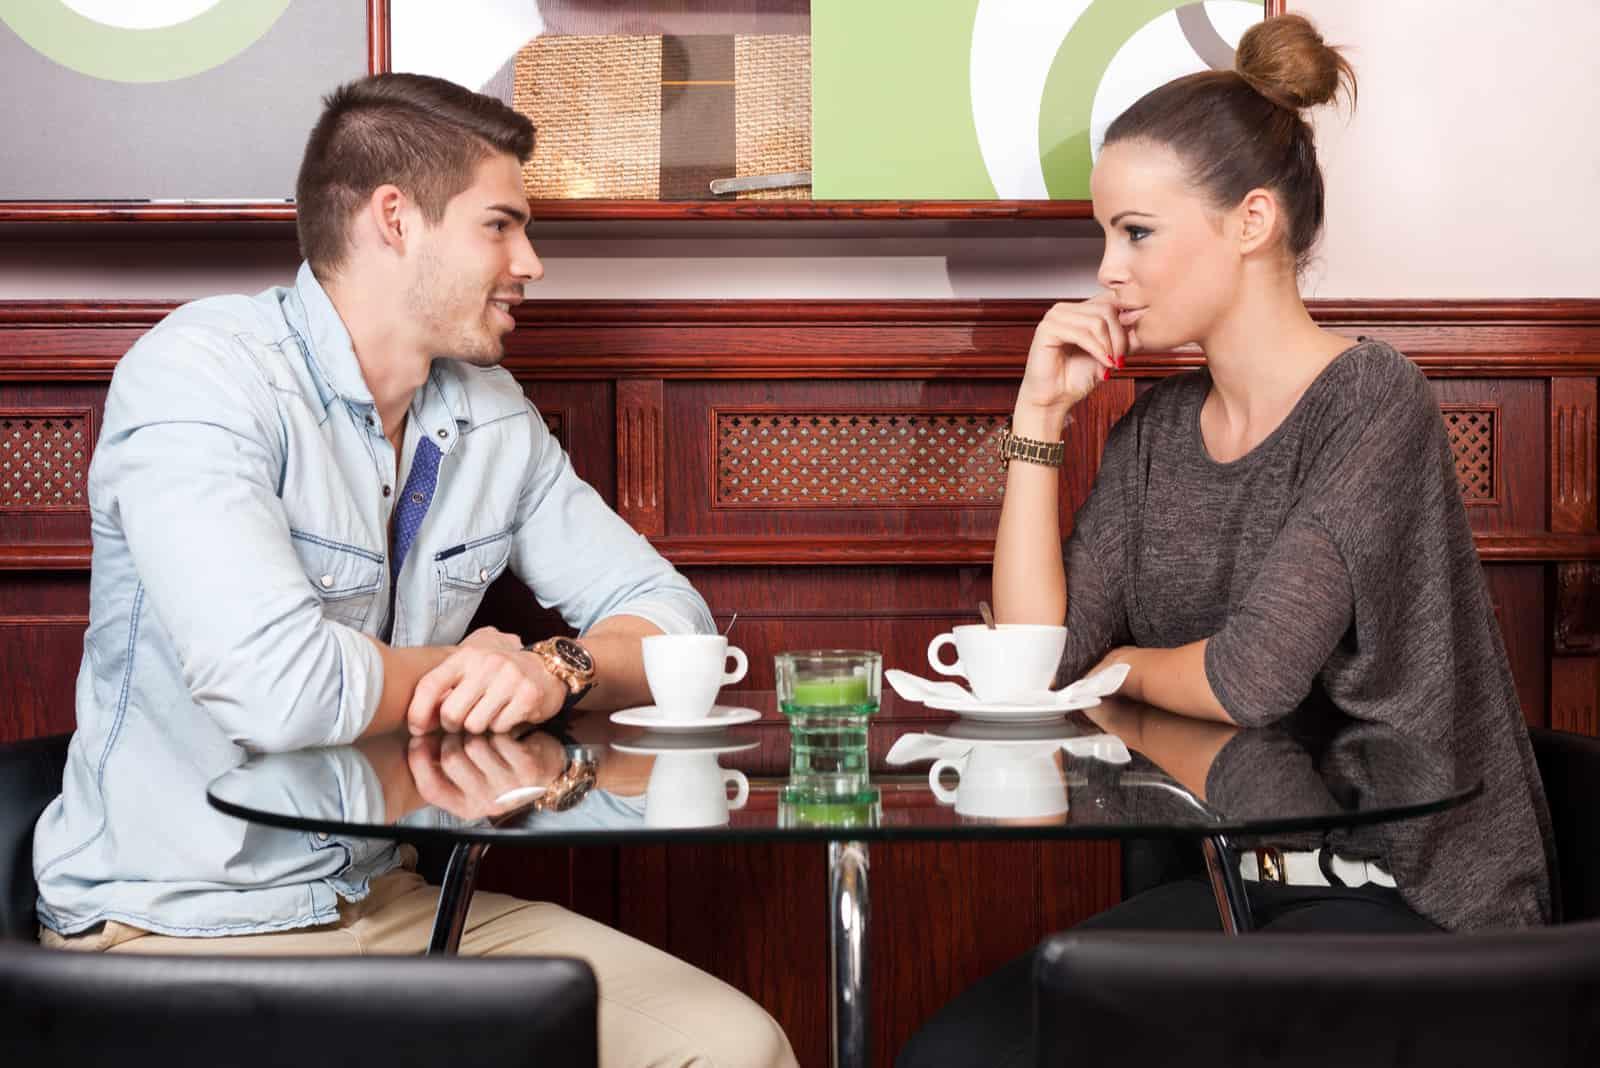 Ein Mann und eine Frau sitzen in einem Café an einem Tisch und unterhalten sich